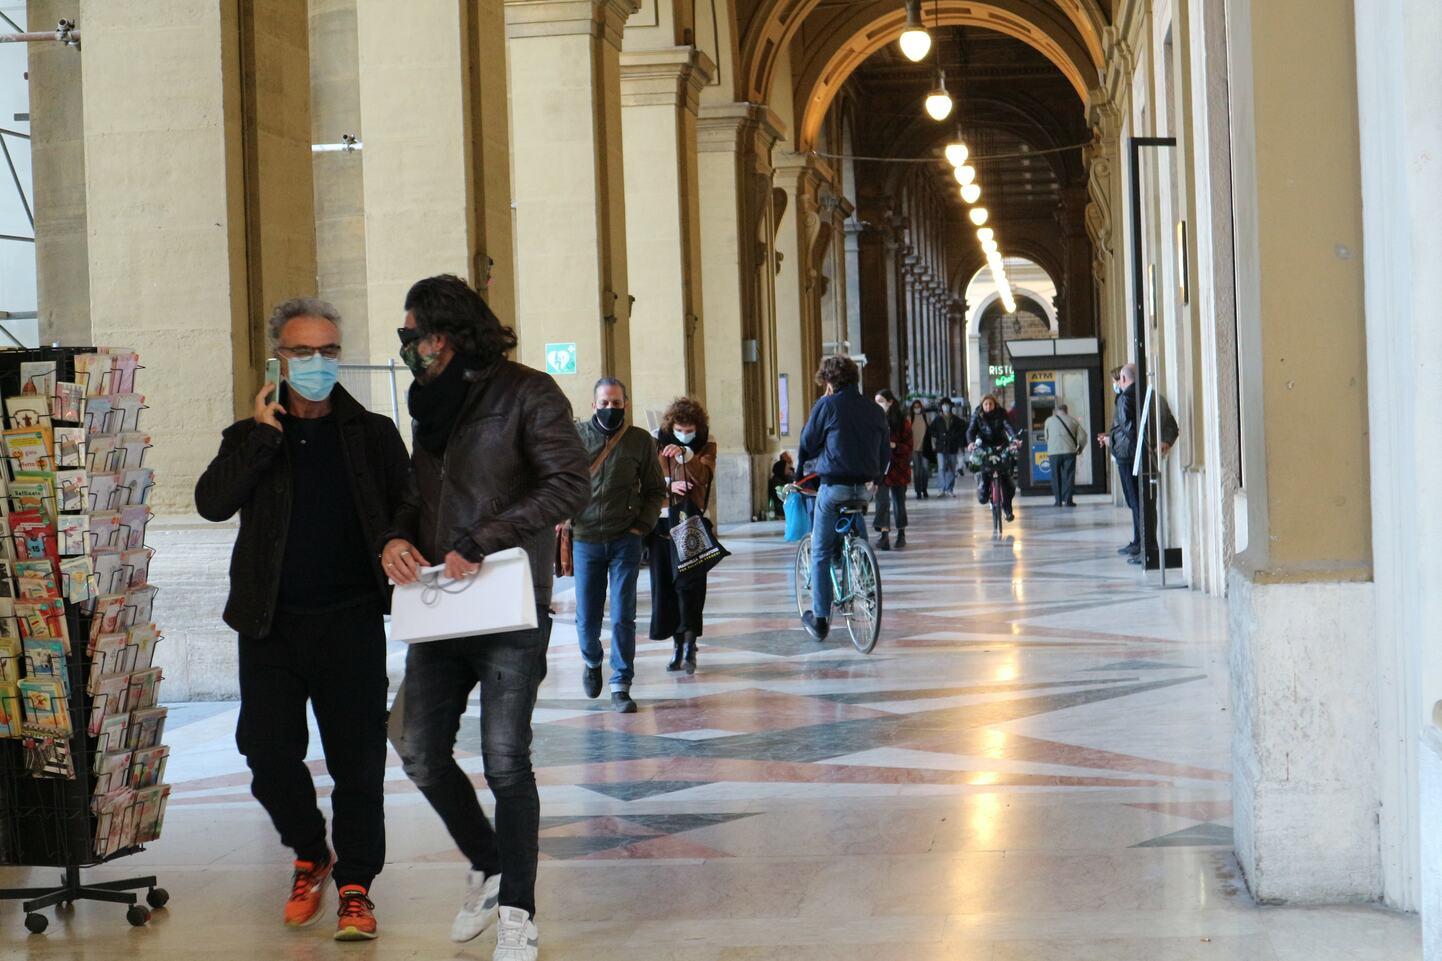 2021年3月25日撮影、フィレンツェの中心街